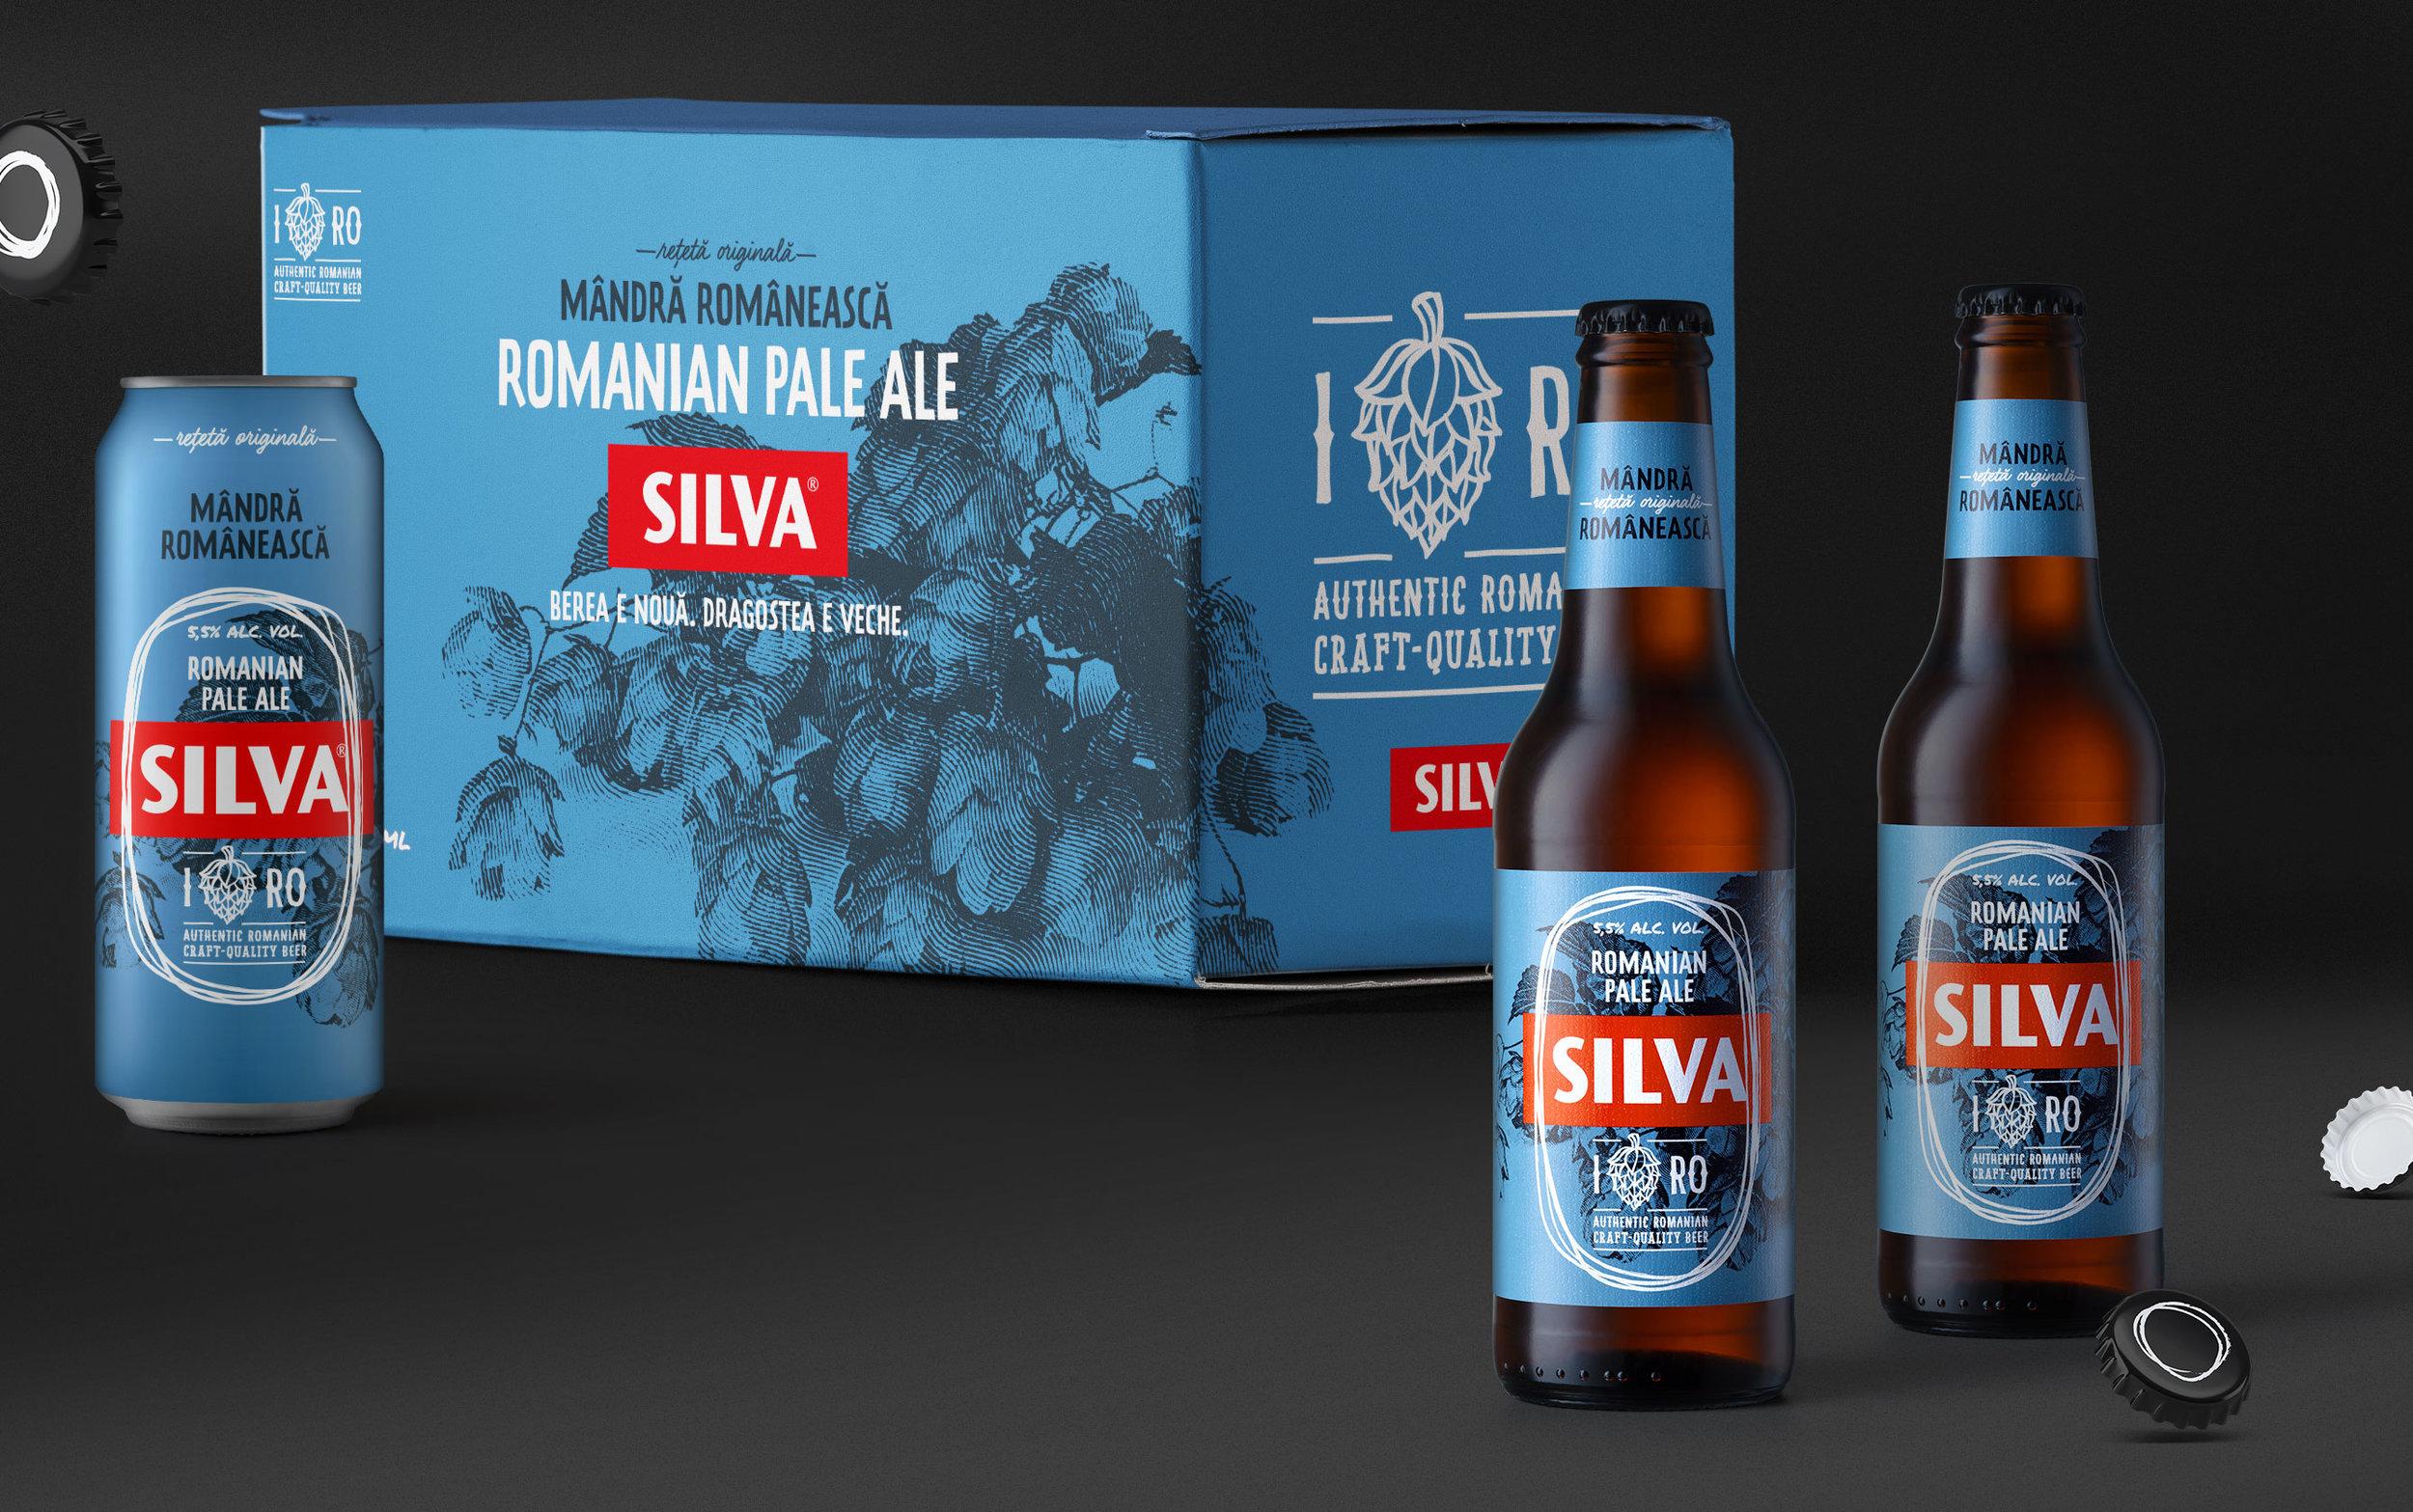 07-Silva-Romanian-Pale-Ale-Packaging-Design-by-Brandient.jpg